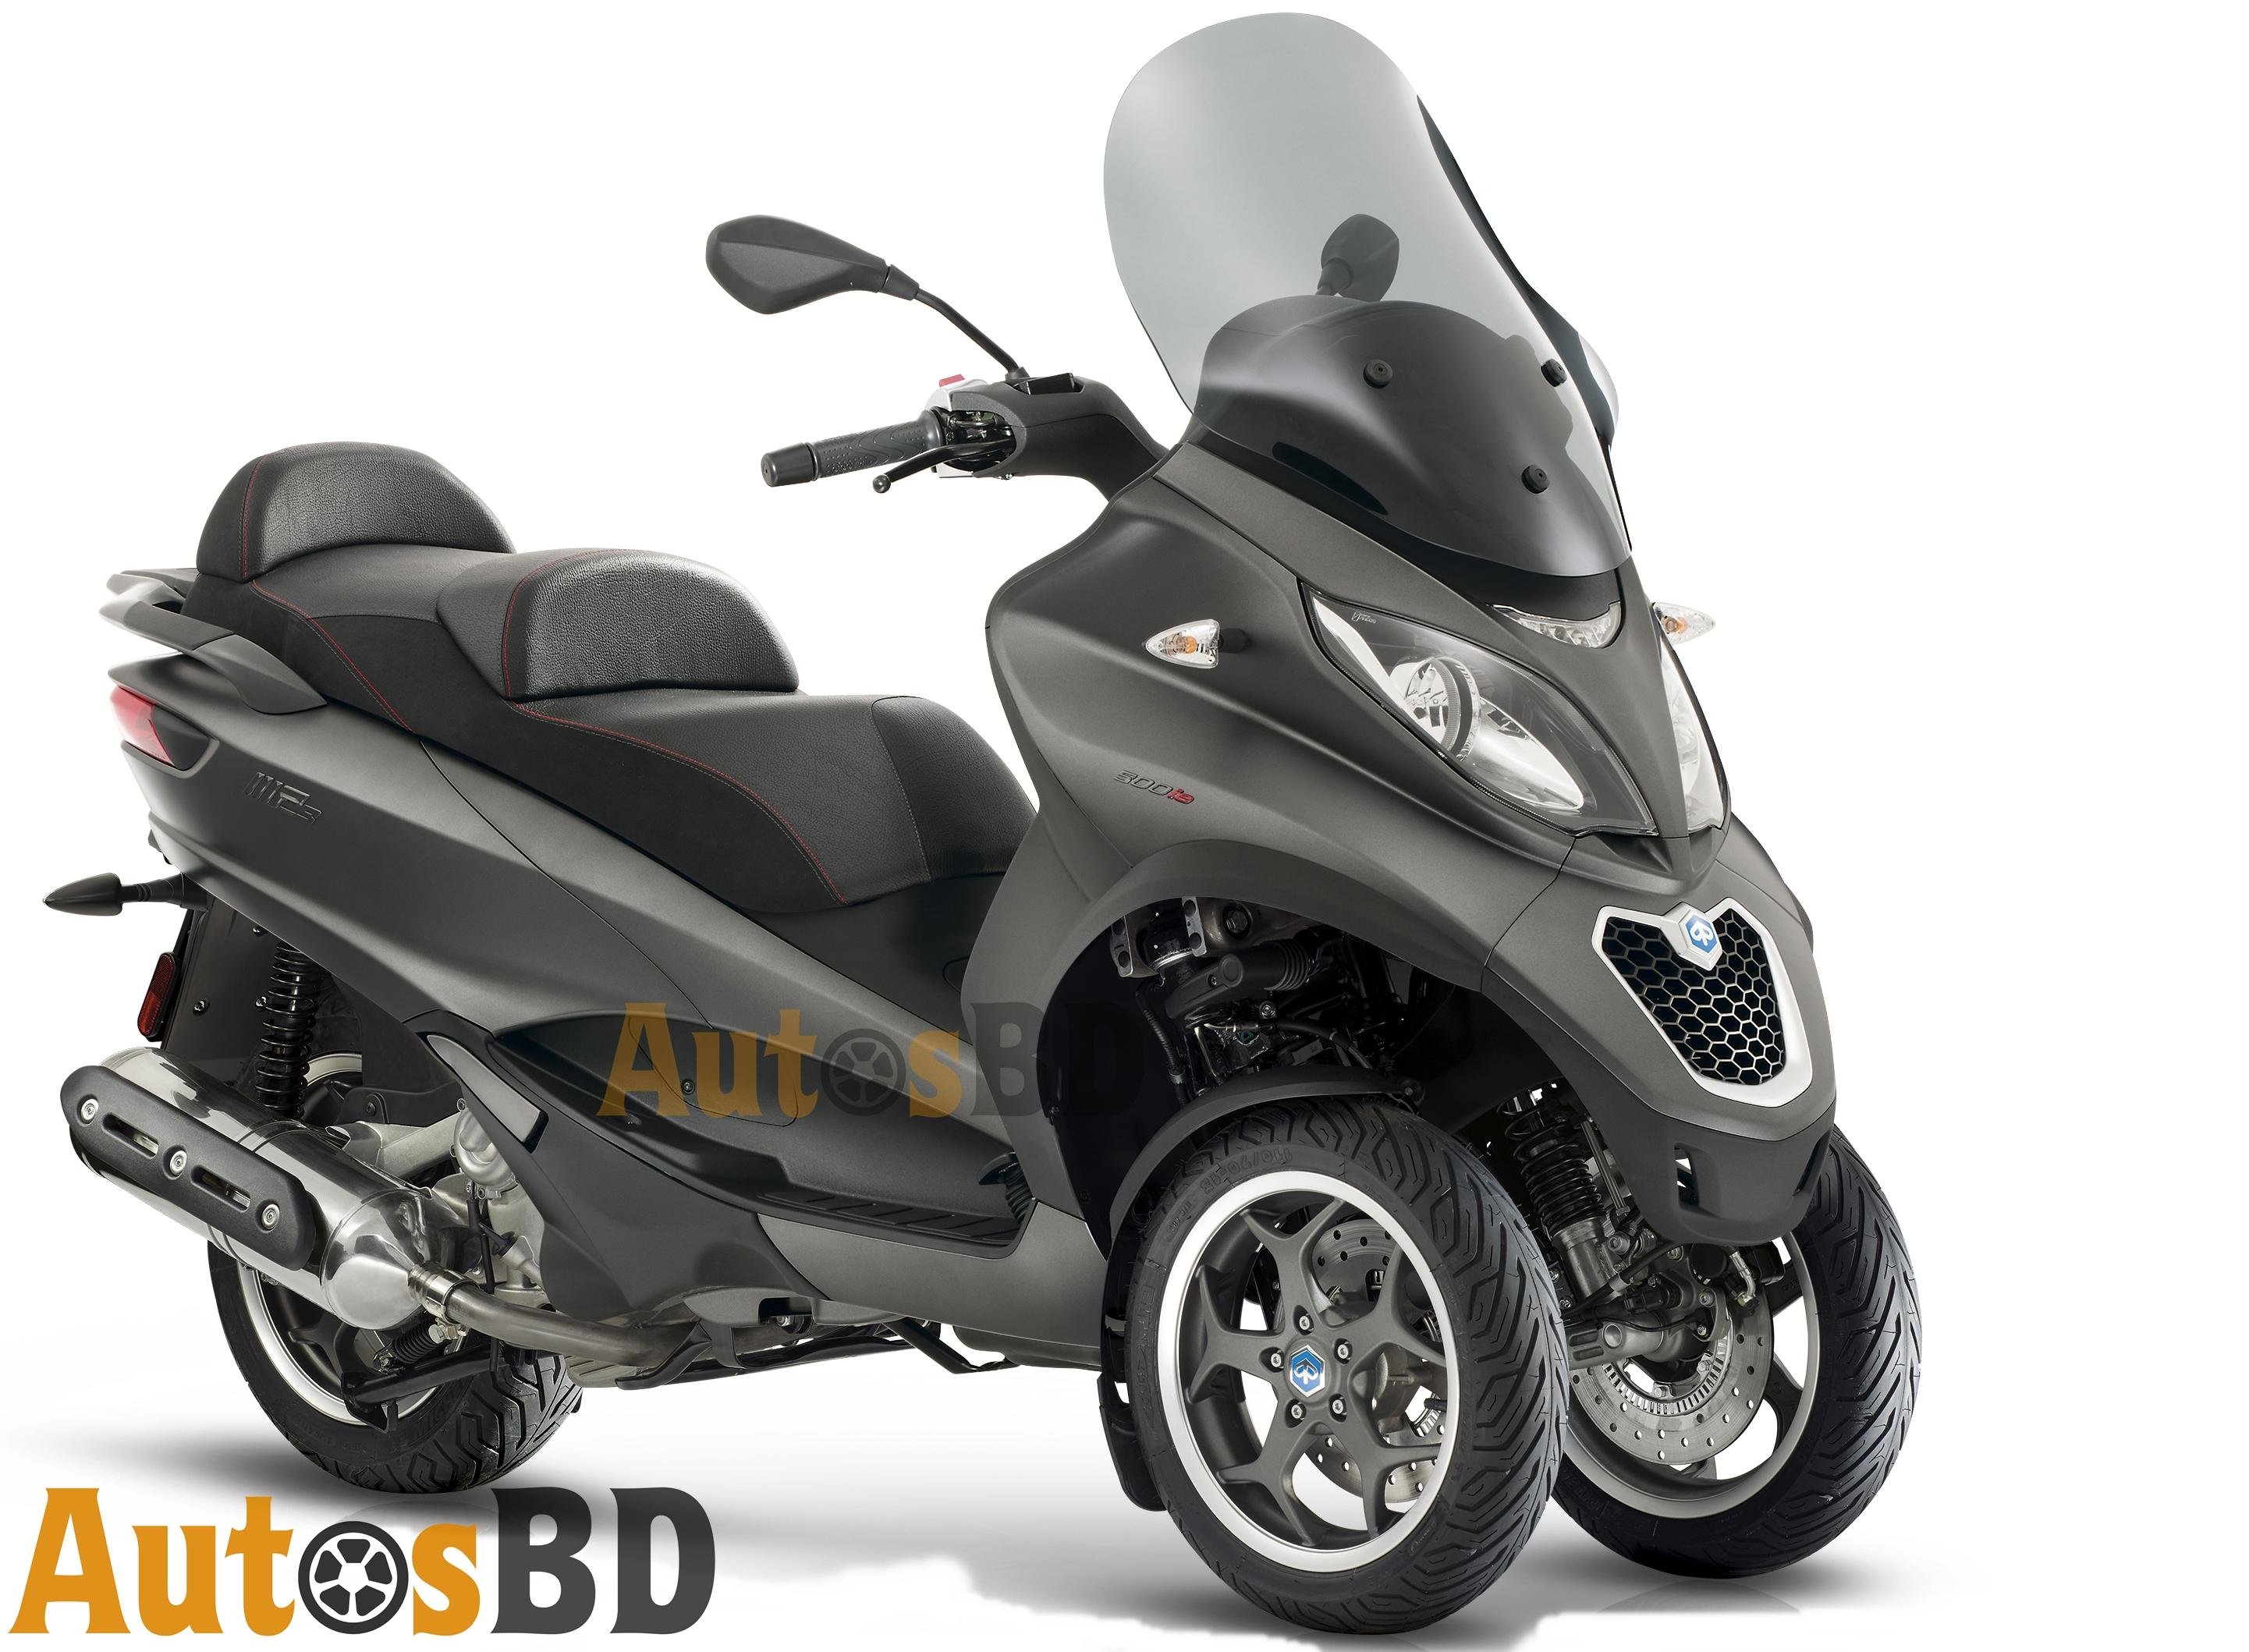 piaggio mp3 top speed id es d 39 image de moto. Black Bedroom Furniture Sets. Home Design Ideas